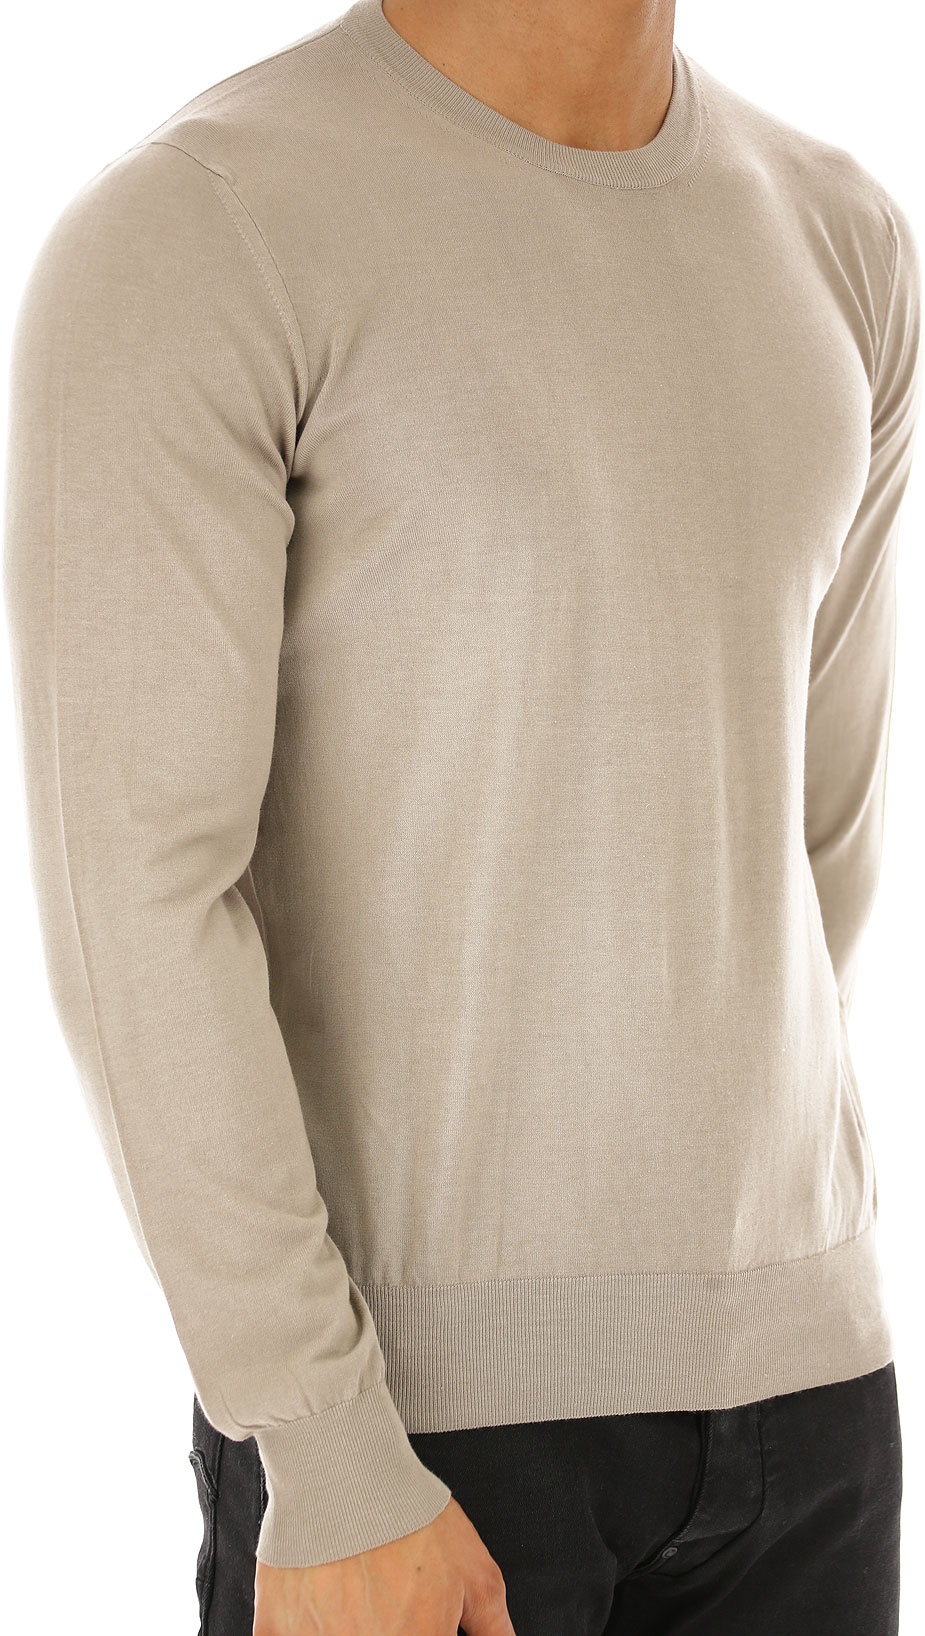 Abbigliamento Uomo Fay, Codice Articolo: nmmc132249t-mmwcb11-